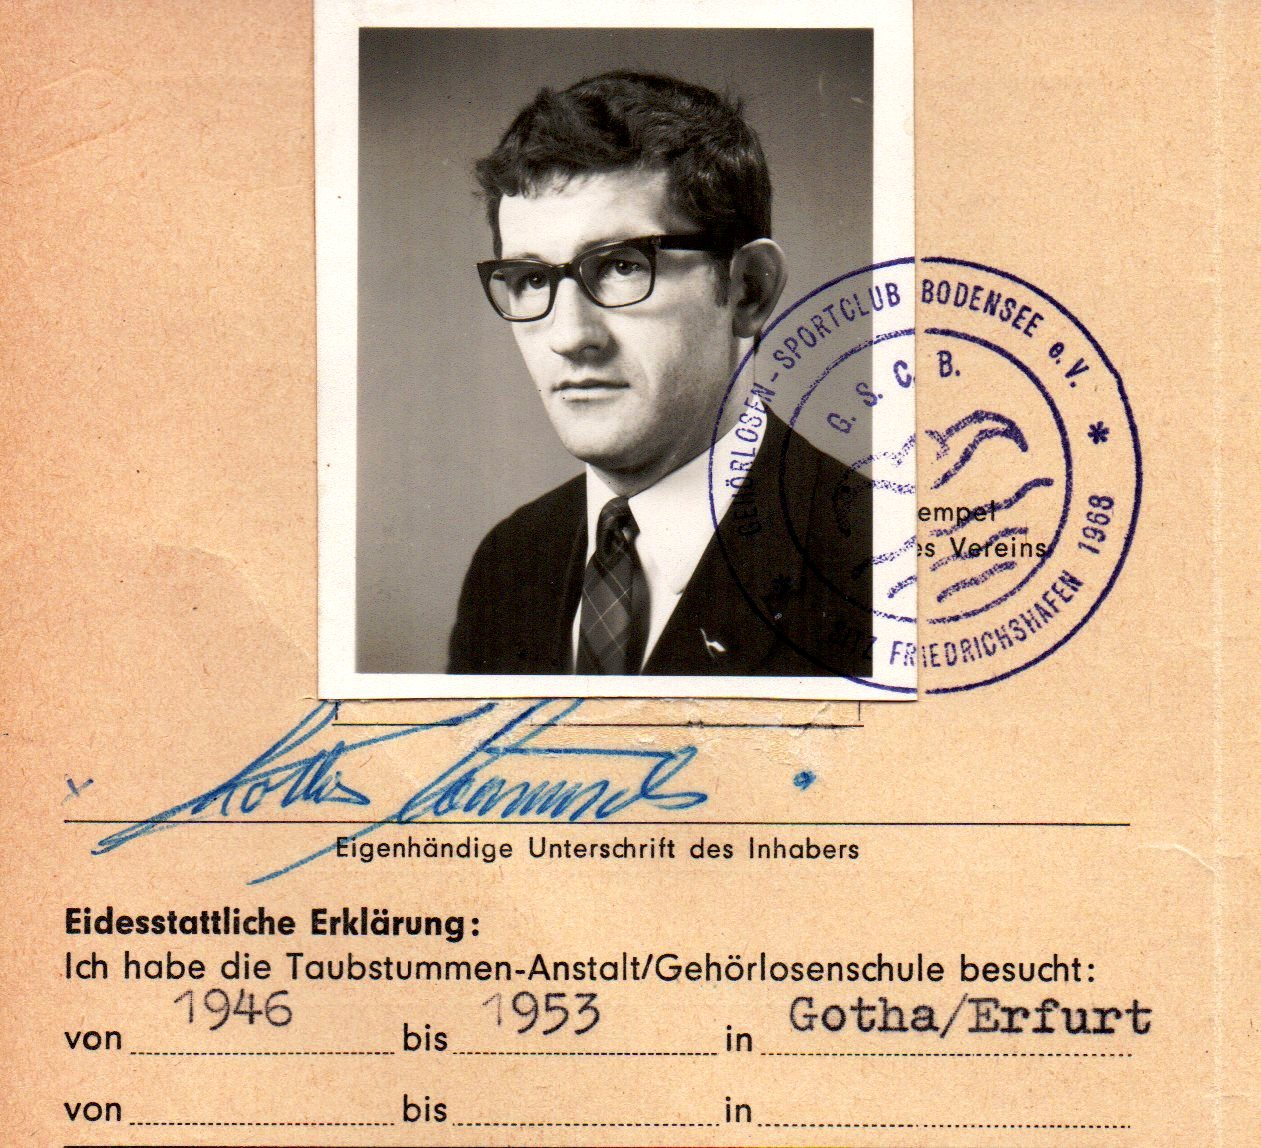 Lothar Manusch